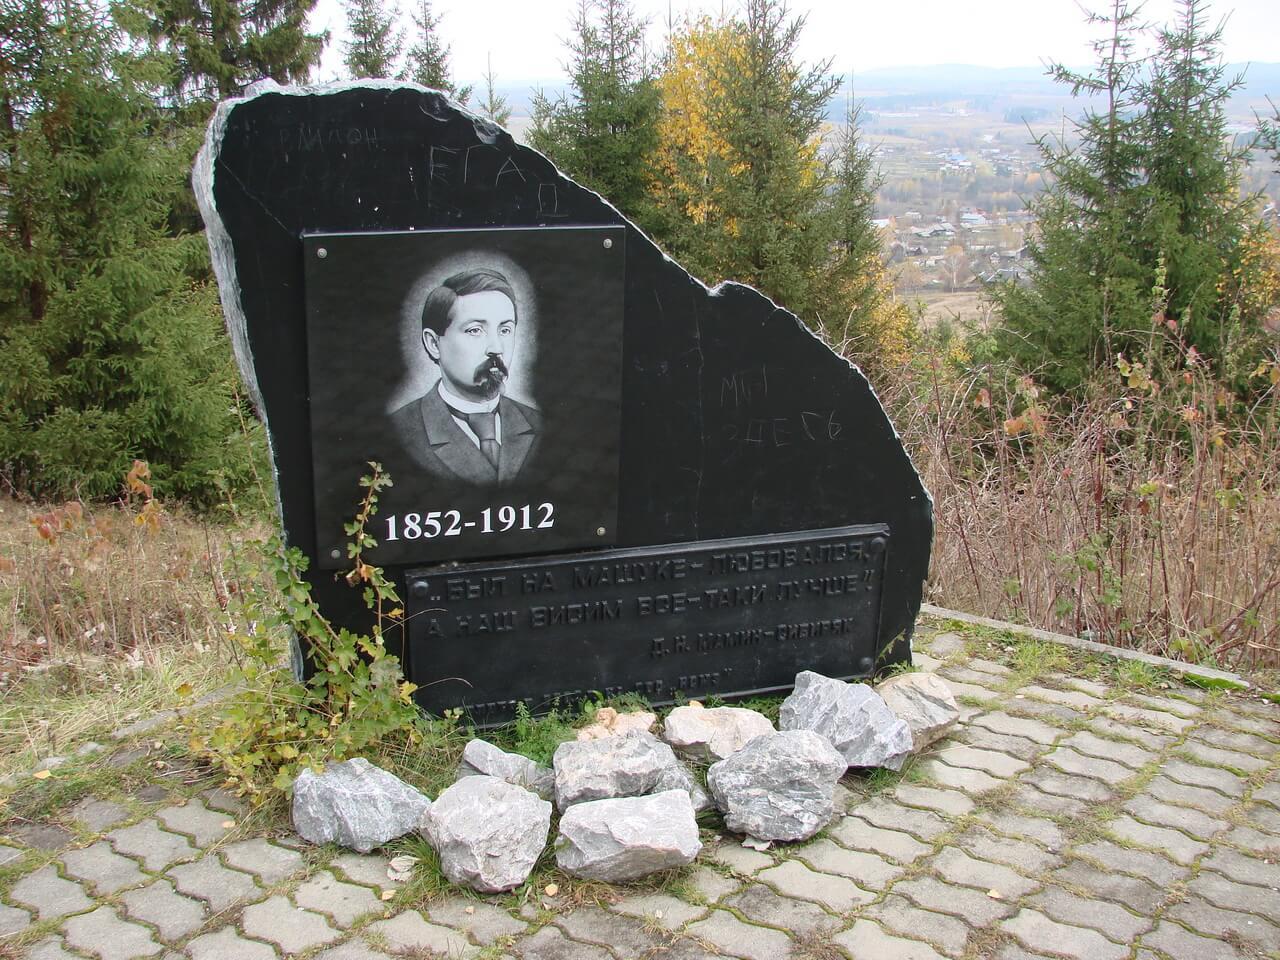 Знак на горе Мамину-Сибиряку